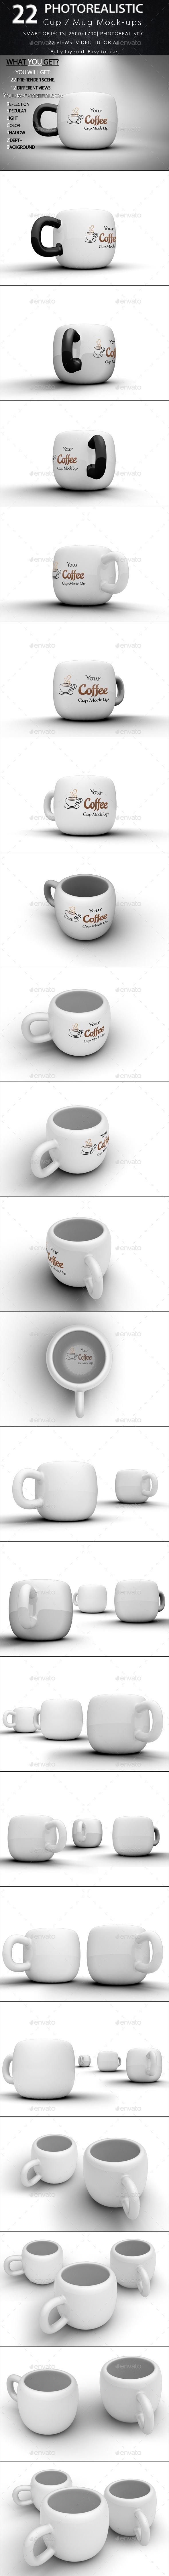 22 Cup / Mug Mock-ups  - Product Mock-Ups Graphics